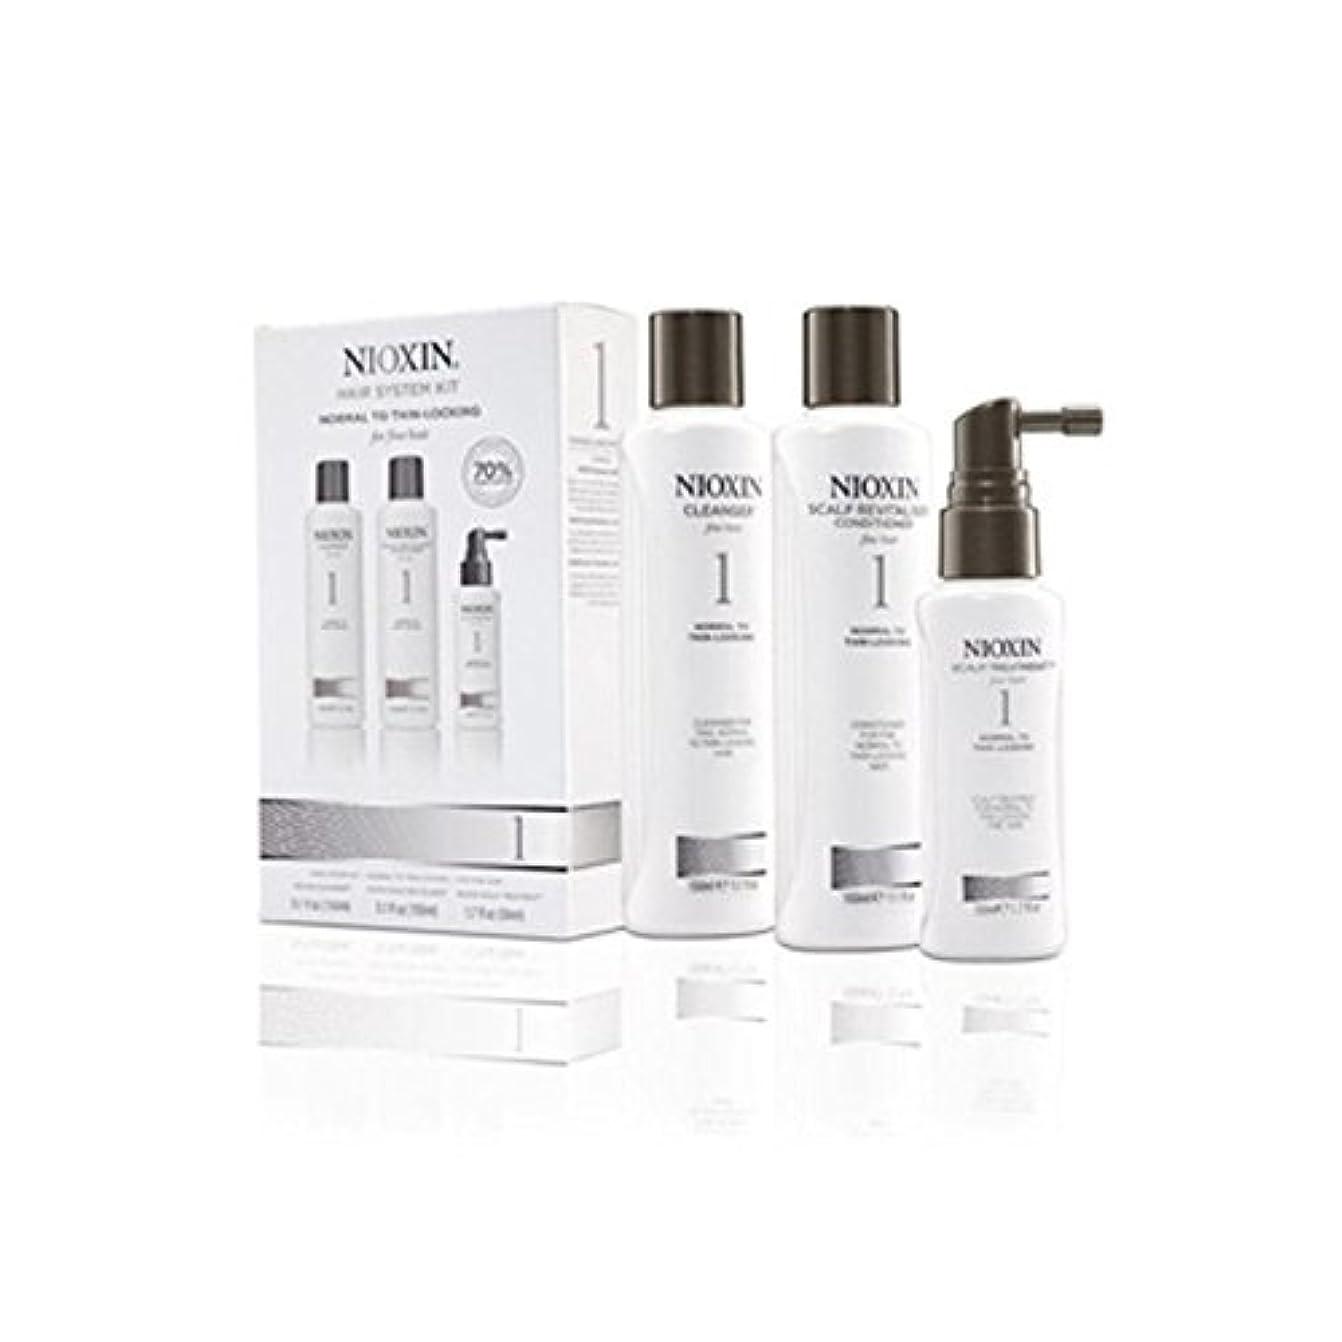 復活する聡明テクトニックNioxin Hair System Kit 1 For Normal To Fine Natural Hair (3 Products) - 細かい自然な髪への通常のためニオキシンヘアシステムキット1(3製品) [並行輸入品]